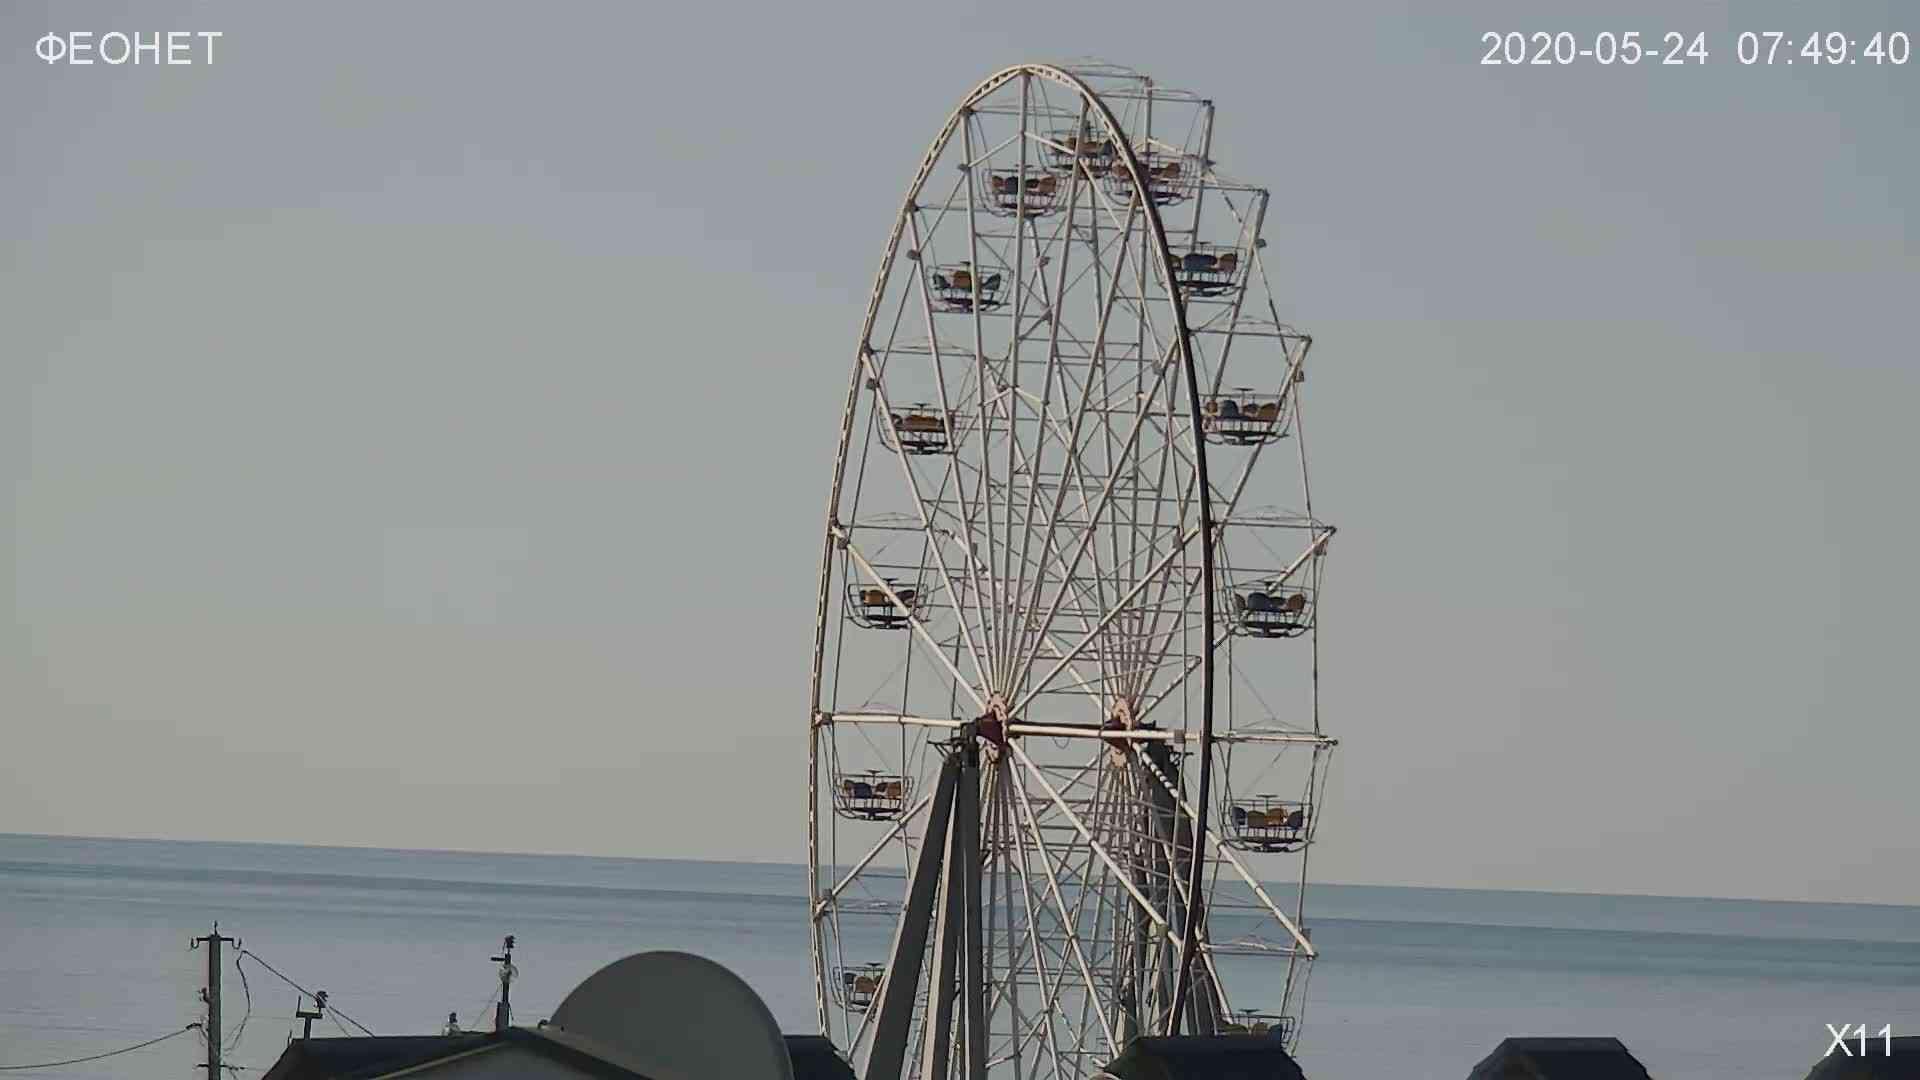 Веб-камеры Феодосии, Обзорная камера в Коктебеле, 2020-05-24 07:51:08